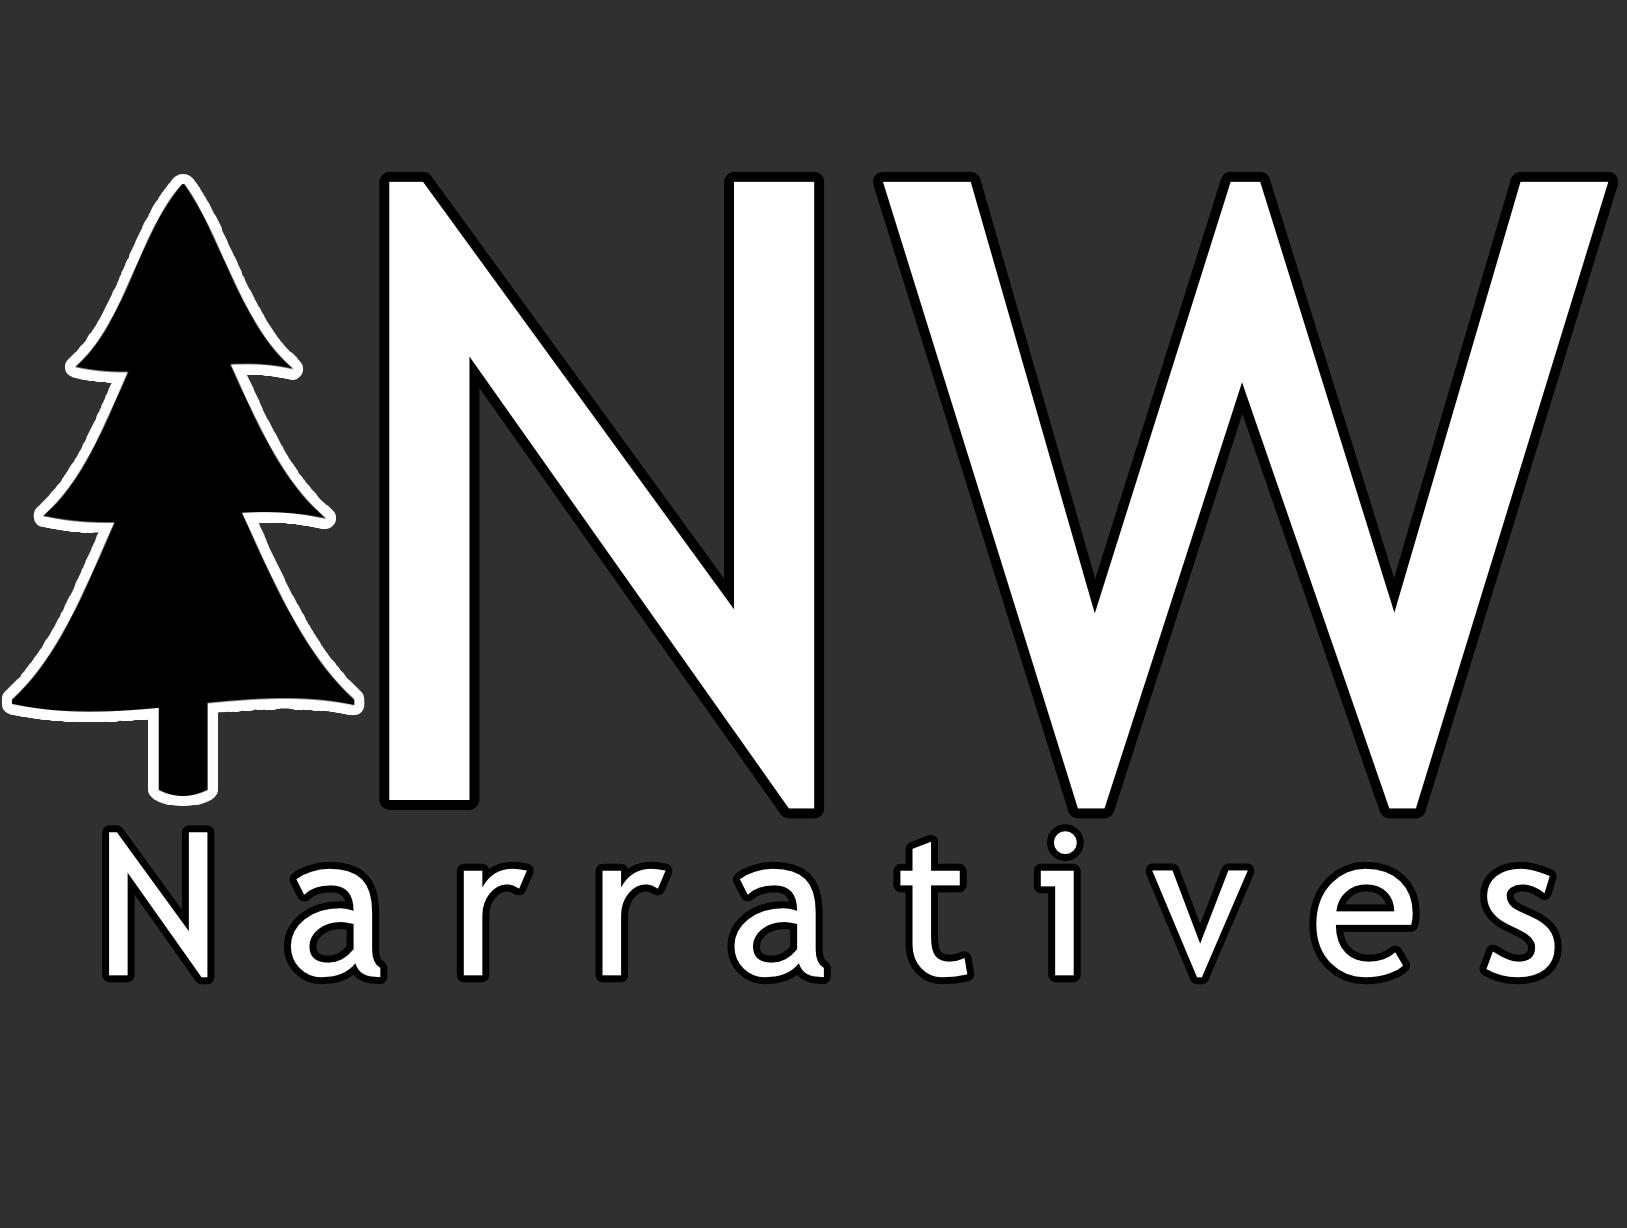 Northwest Narratives